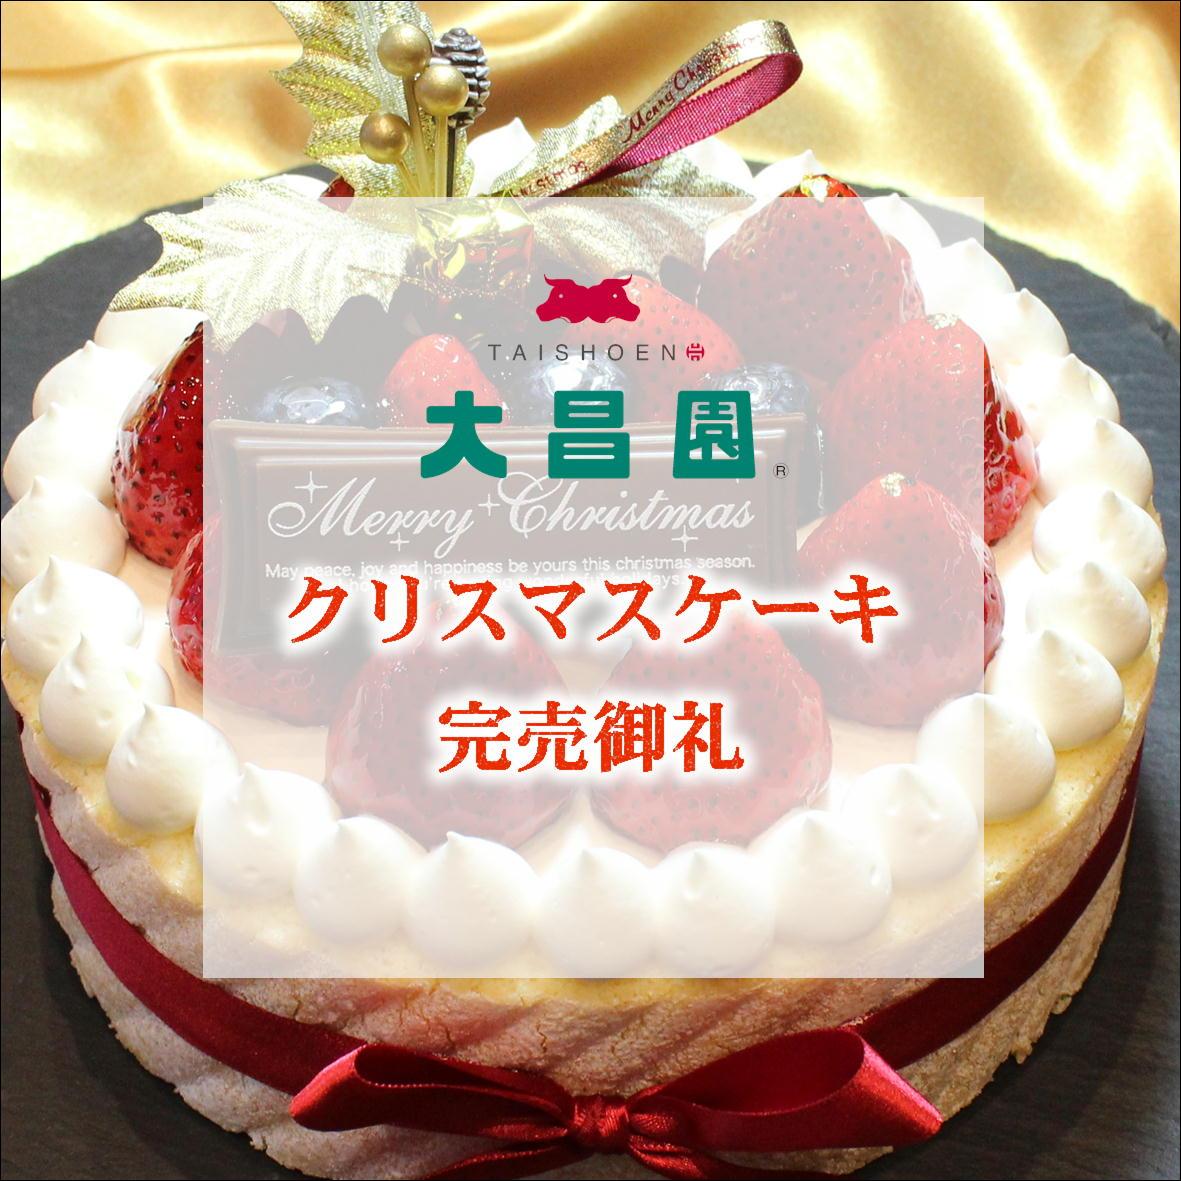 クリスマスケーキ完売